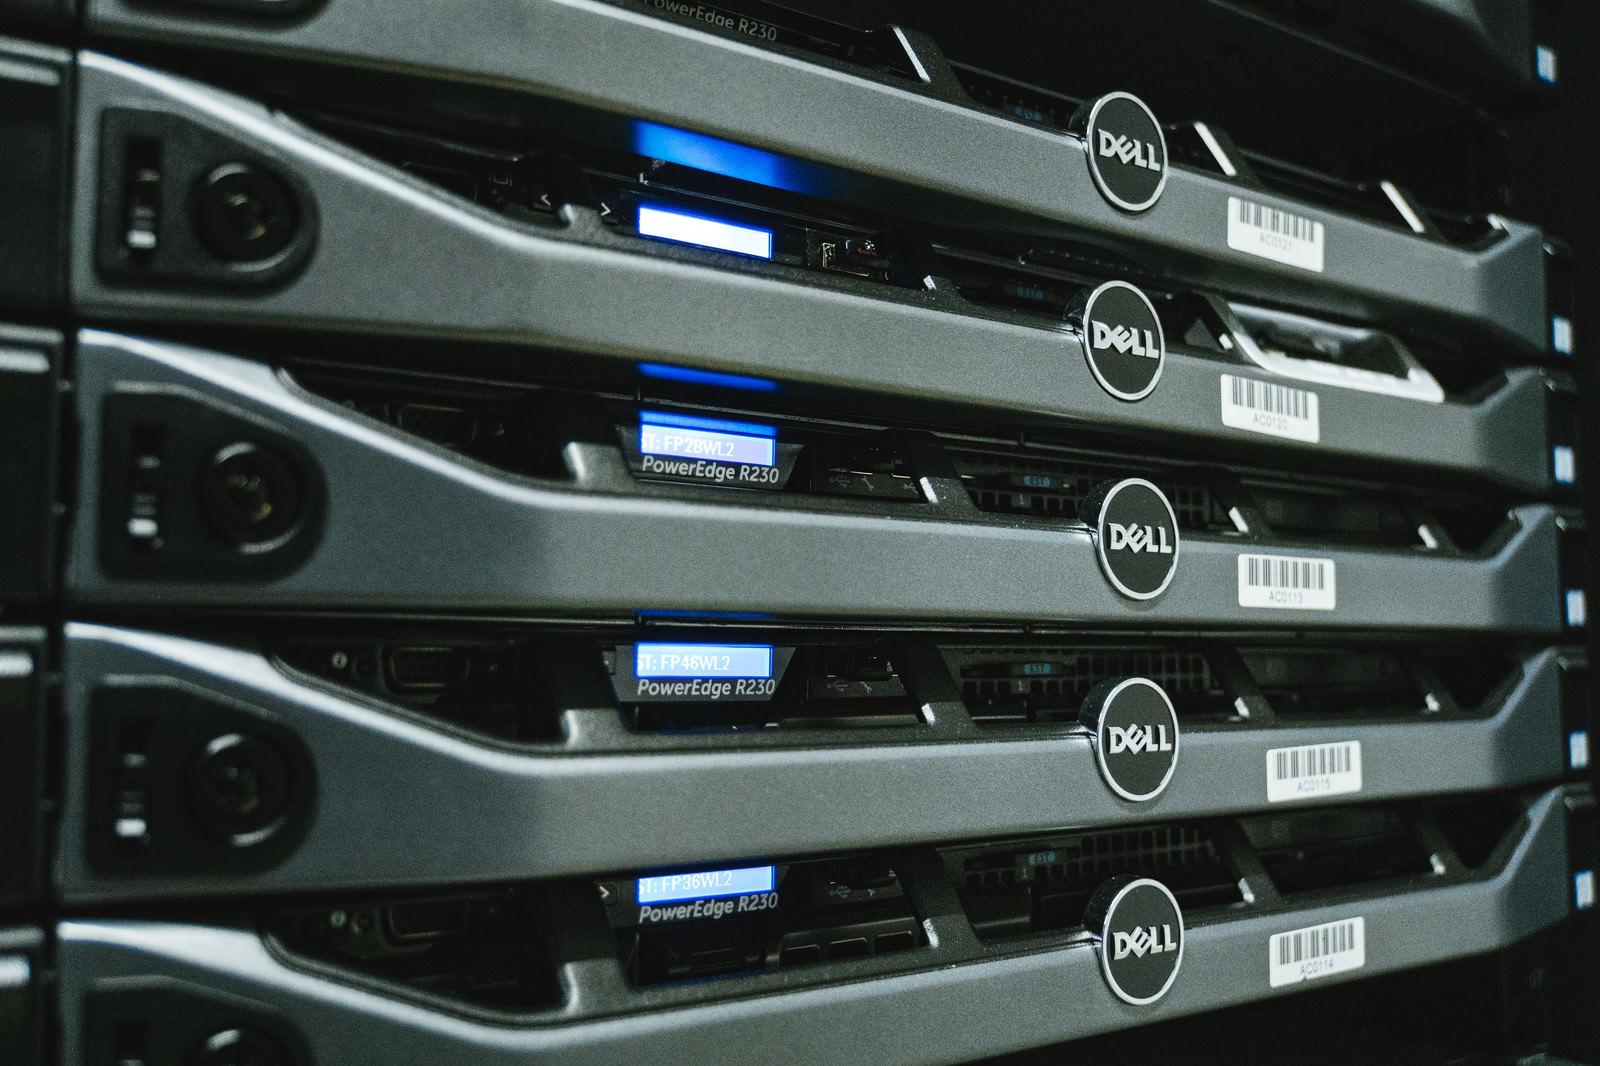 「データセンター内の様子(サーバールーム)データセンター内の様子(サーバールーム)」のフリー写真素材を拡大